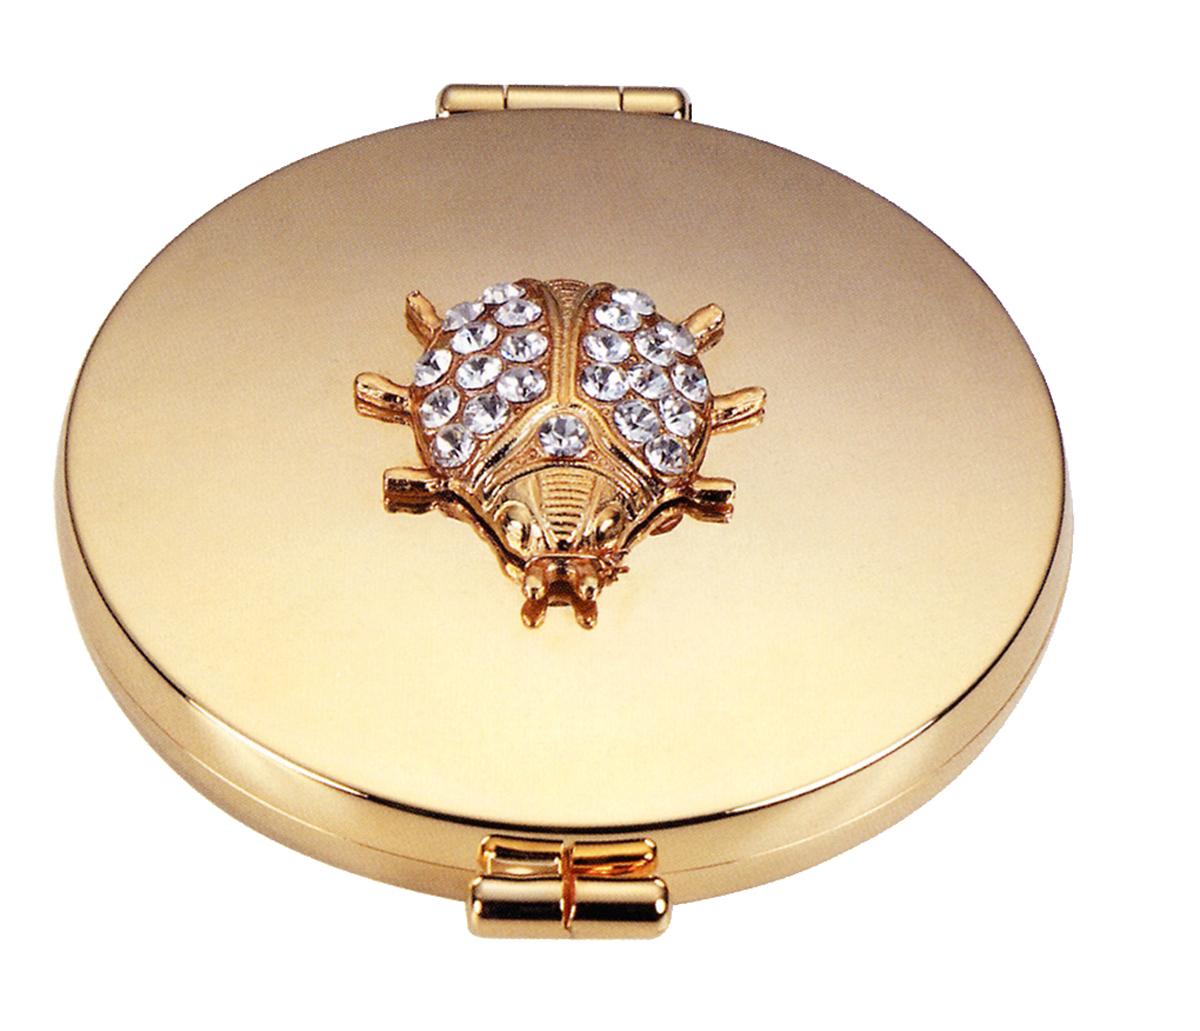 Janeke Зеркало карманное позолоченное со стразами D73, AU448.07.549329Марка Janeke – мировой лидер по производству расчесок, щеток, маникюрных принадлежностей, зеркал и косметичек. Марка Janeke, основанная в 1830 году, вот уже почти 180 лет поддерживает непревзойденное качество своей продукции, сочетая новейшие технологии с традициями ста- рых миланских мастеров. Все изделия на 80% производятся вручную, а инновационные технологии и современные материалы делают продукцию марки поистине уникальной. Стильный и эргономичный дизайн, яркие цветовые решения – все это приносит истин- ное удовольствие от использования аксессуаров Janeke. Компактные зеркала Janeke имеют линзы с обычным и трехкратным увеличением, которые позволяют быстро и легко поправить макияж в дороге. А благодаря стильному дизайну и миниатюрному размеру компактное зеркало Janeke станет любимым аксессуаром любой женщины.